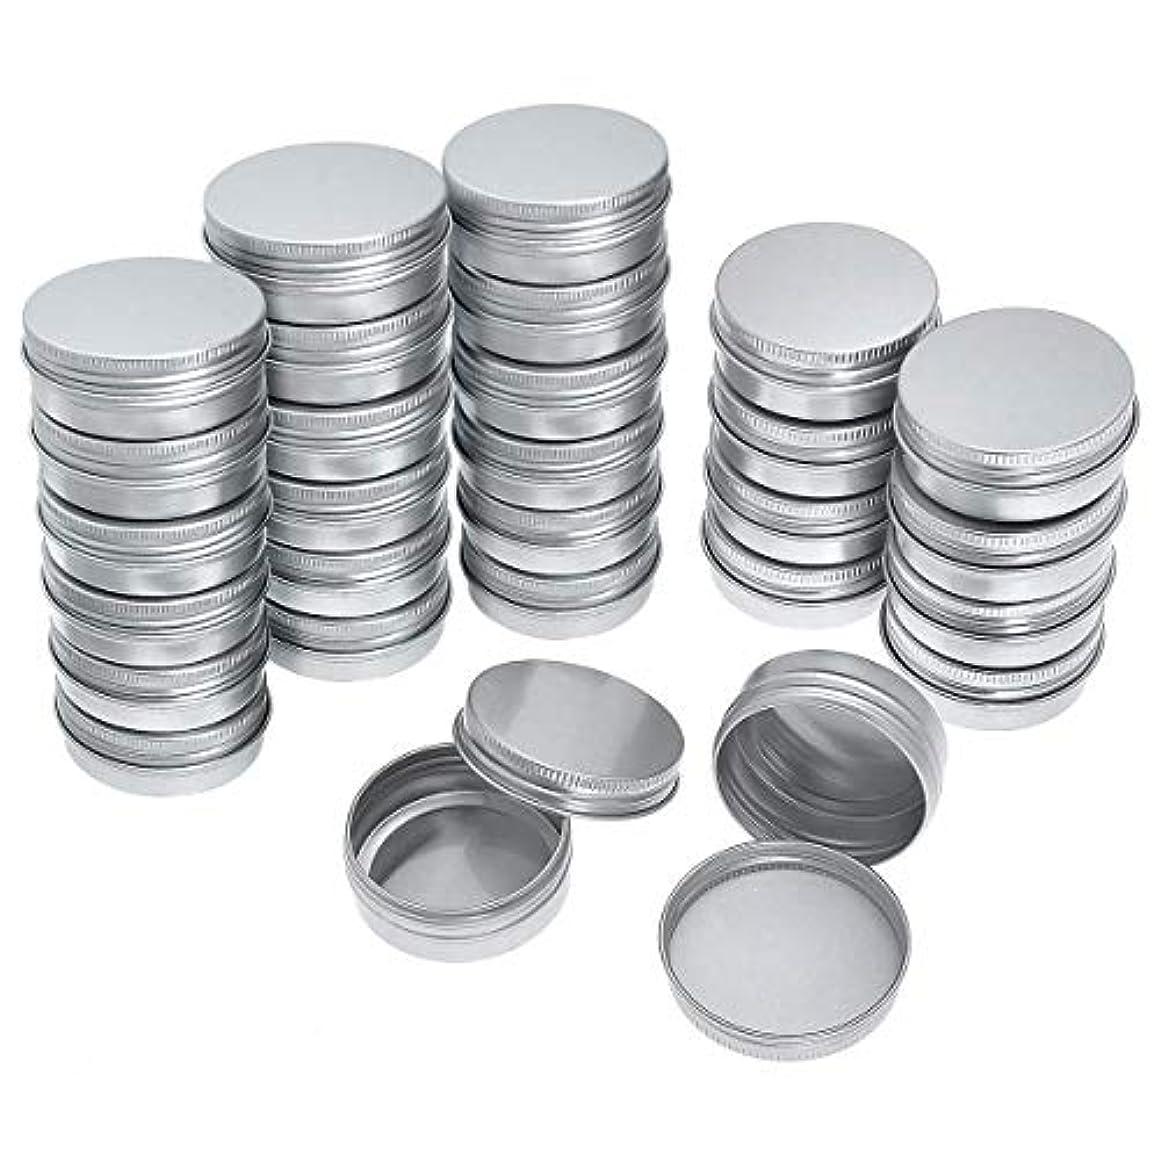 結び目フォーマットガラスRETYLY 40パック ネジトップ ラウンド アルミ缶 - アルミネジふた ラウンド錫コンテナボトル